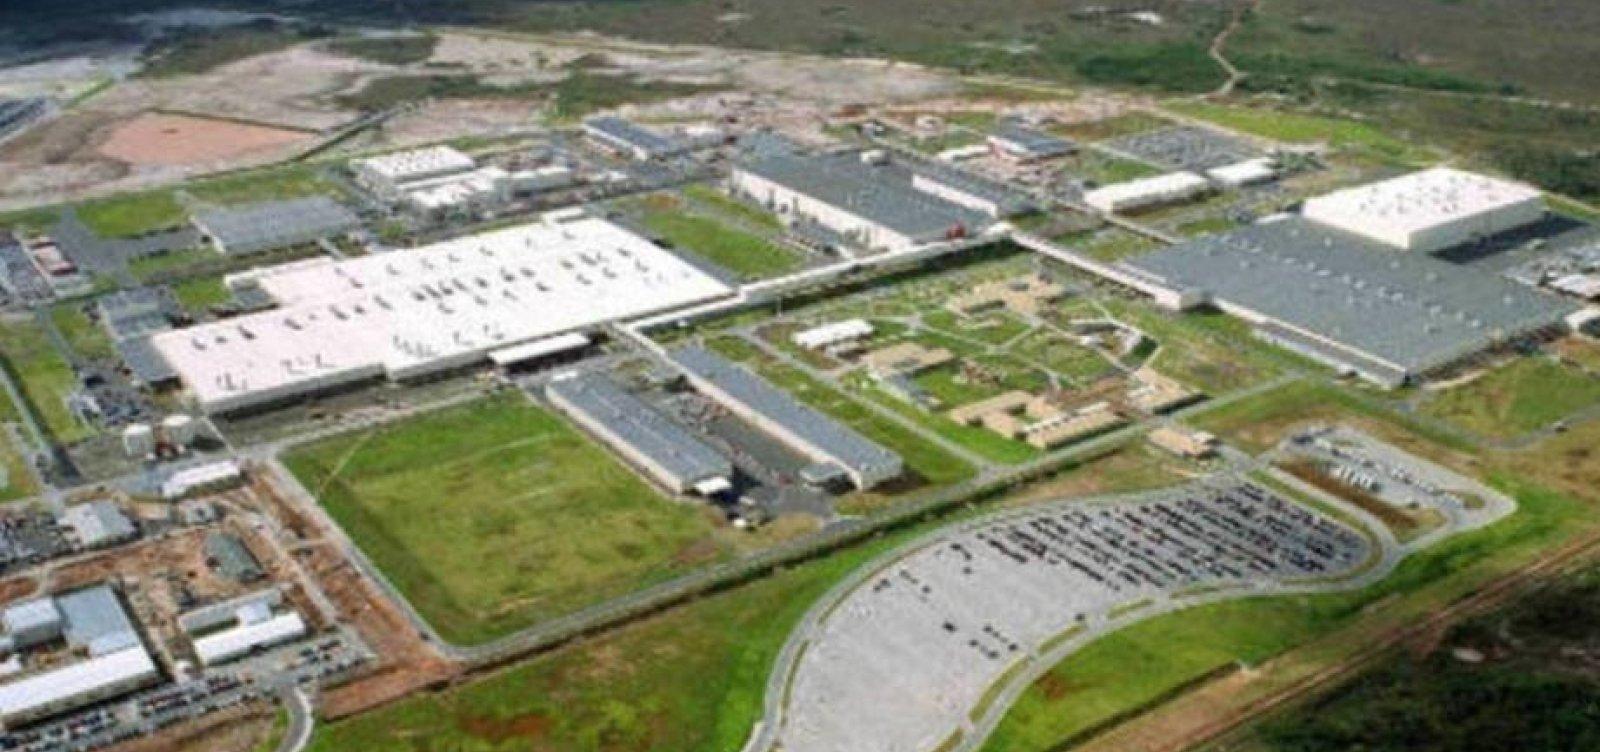 [Coronavírus: Ford suspende produção na fábrica de Camaçari]